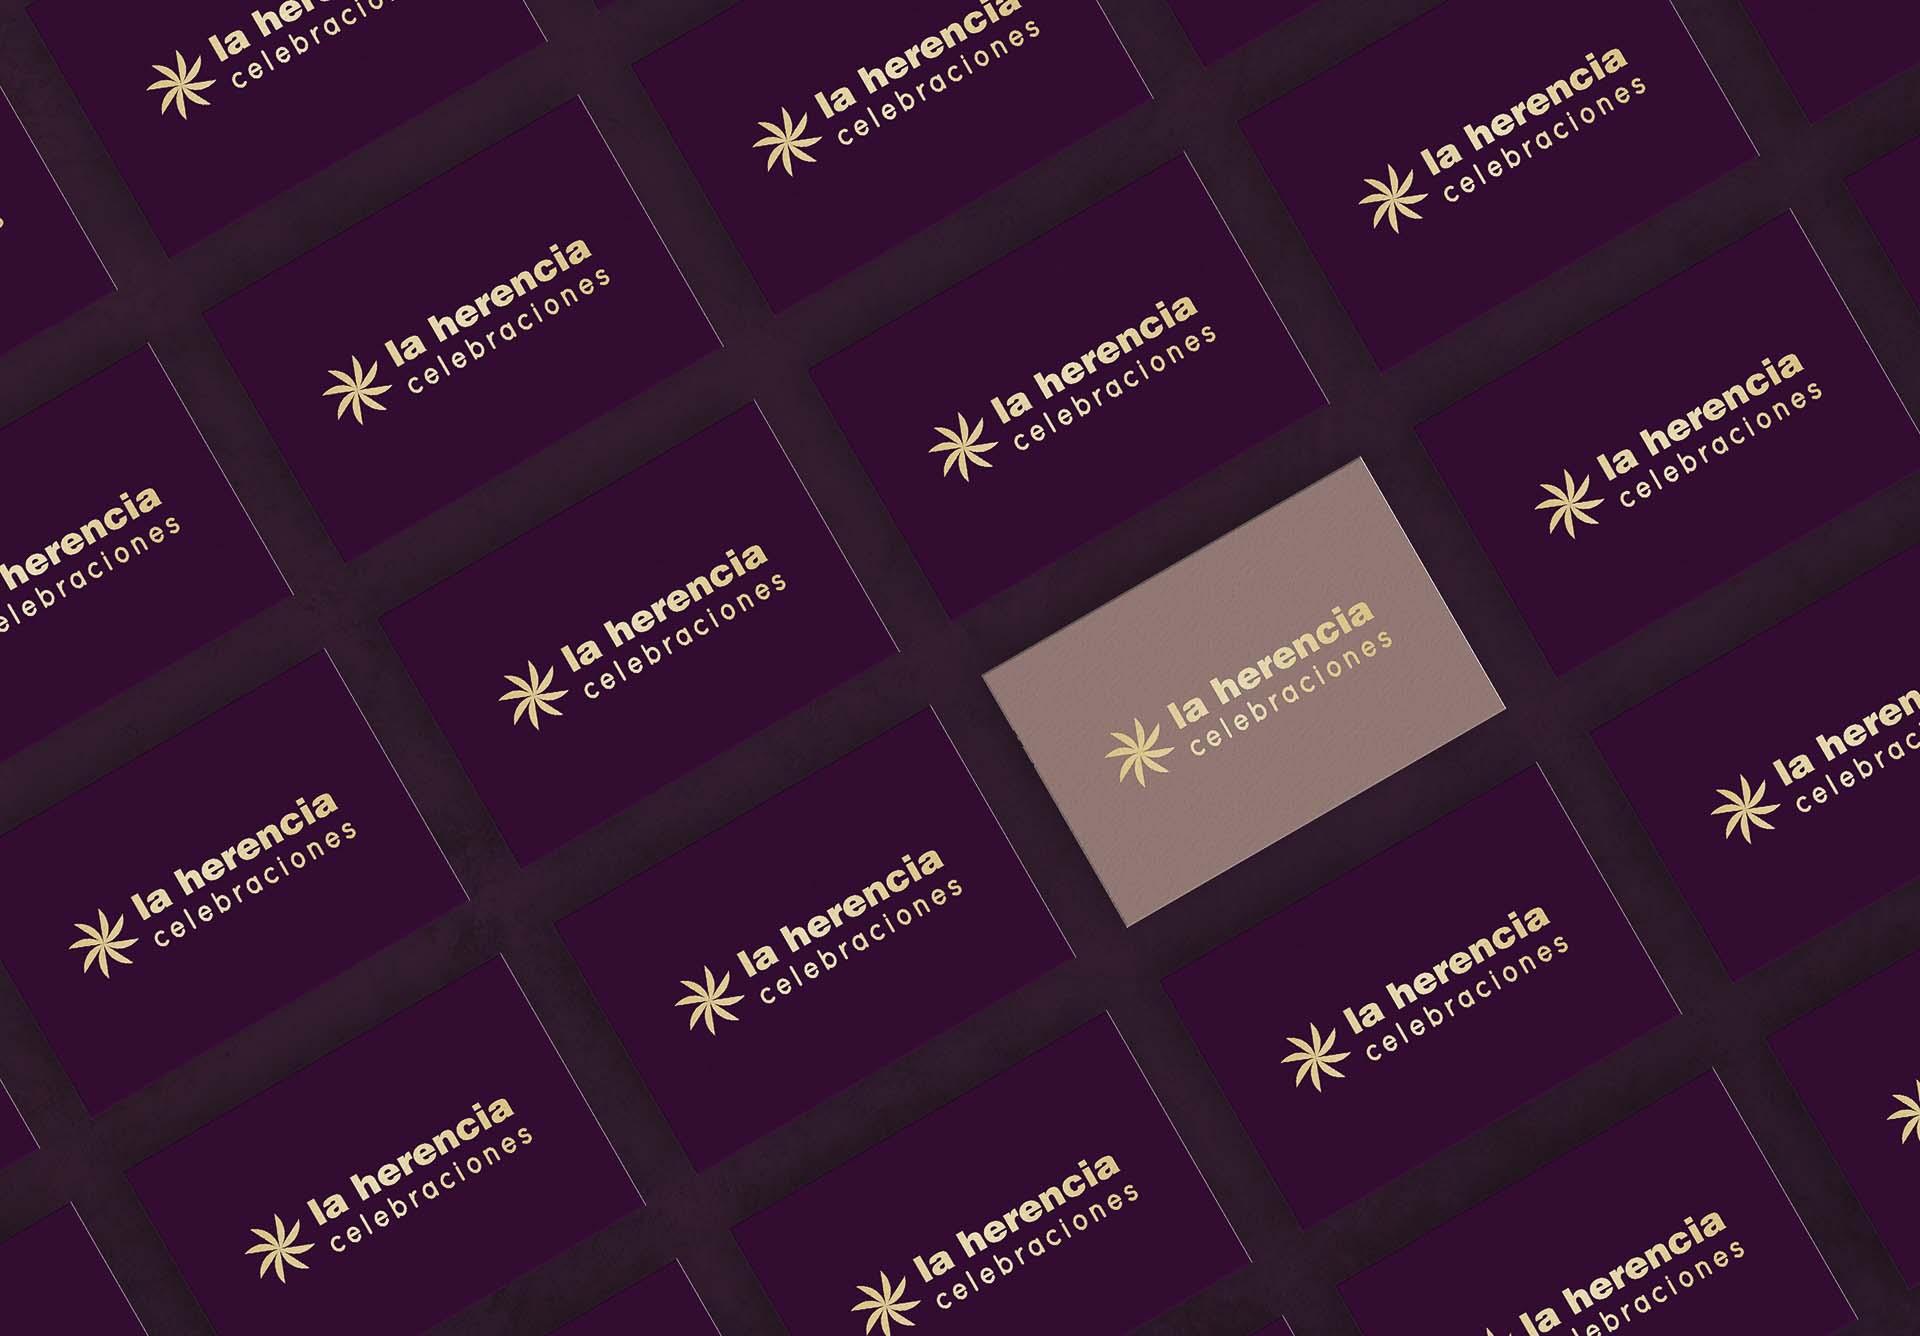 diseño tarjetas de visita la herencia celebraciones